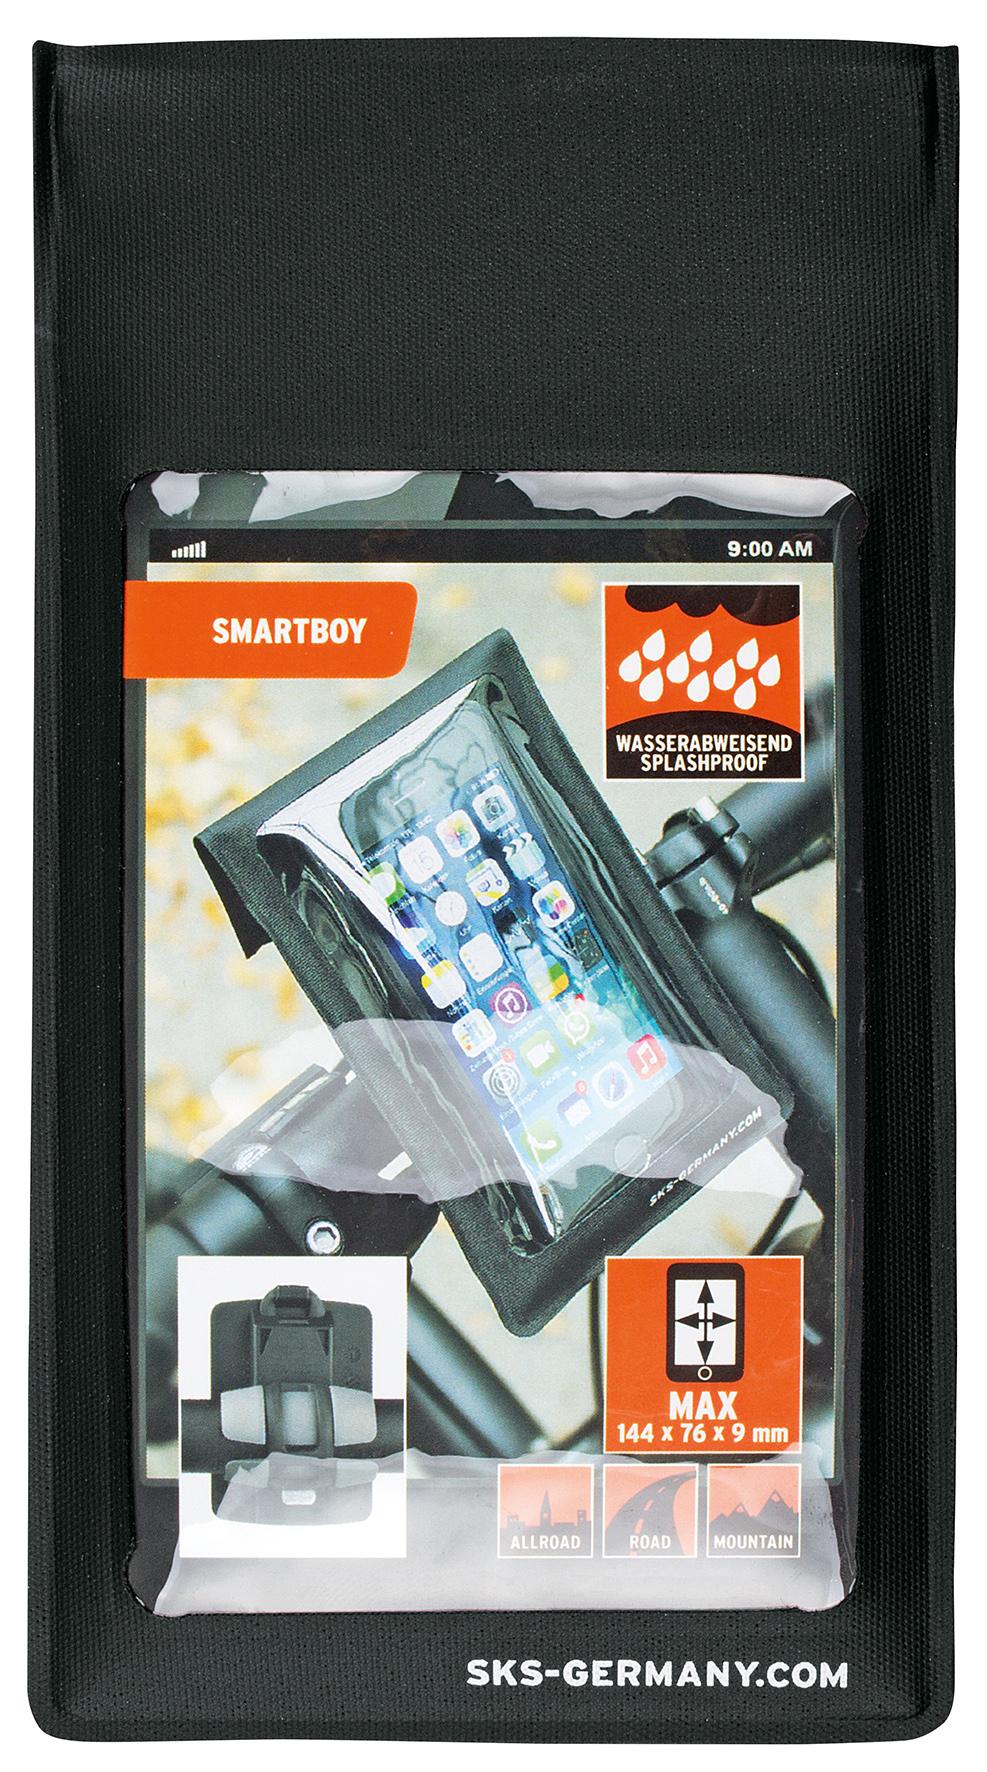 Sks Smartboy nepromokavý obal na smartphone Uni